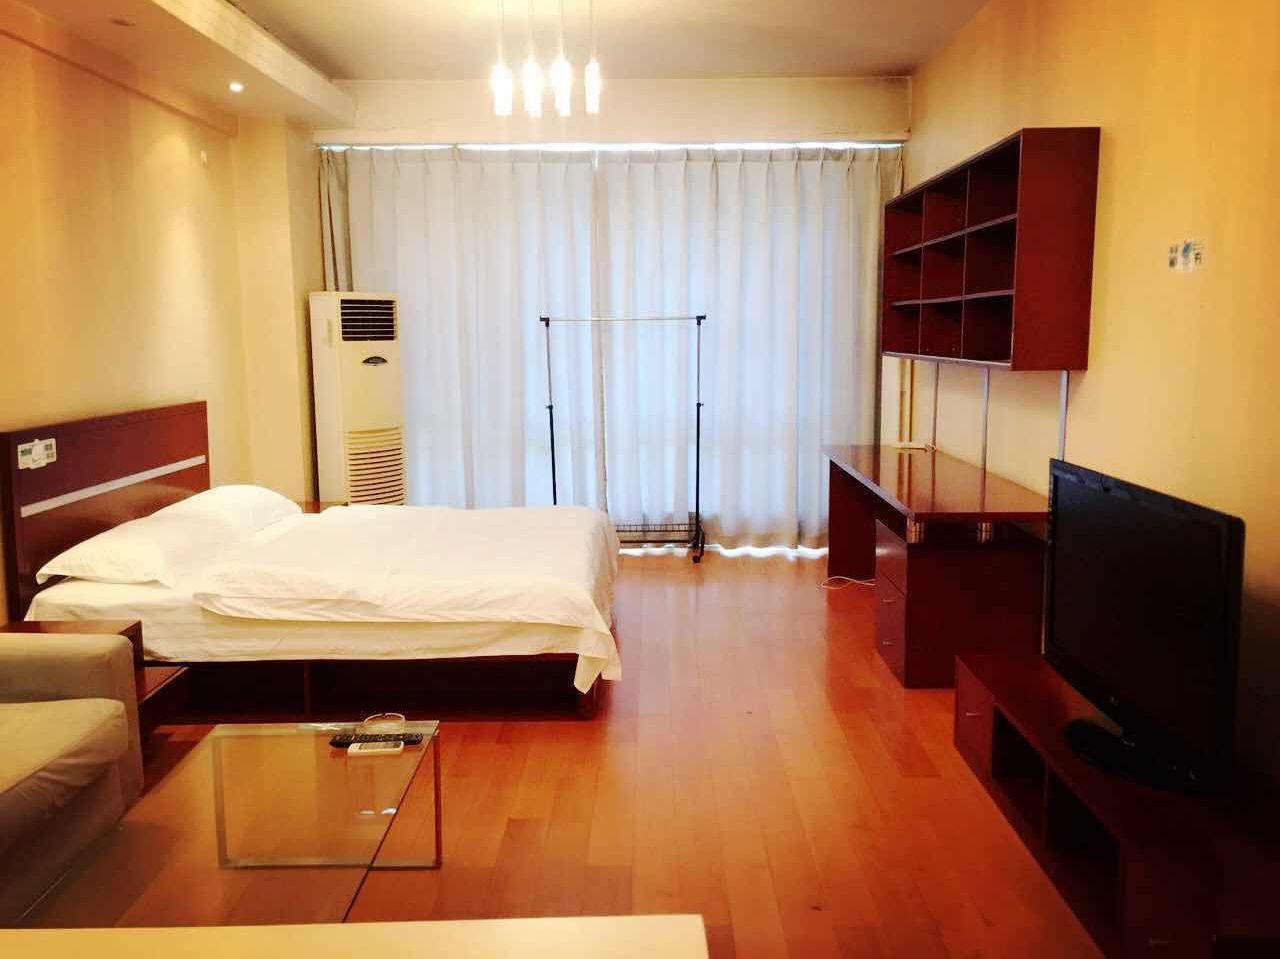 苹果社区酒店公寓预订/团购